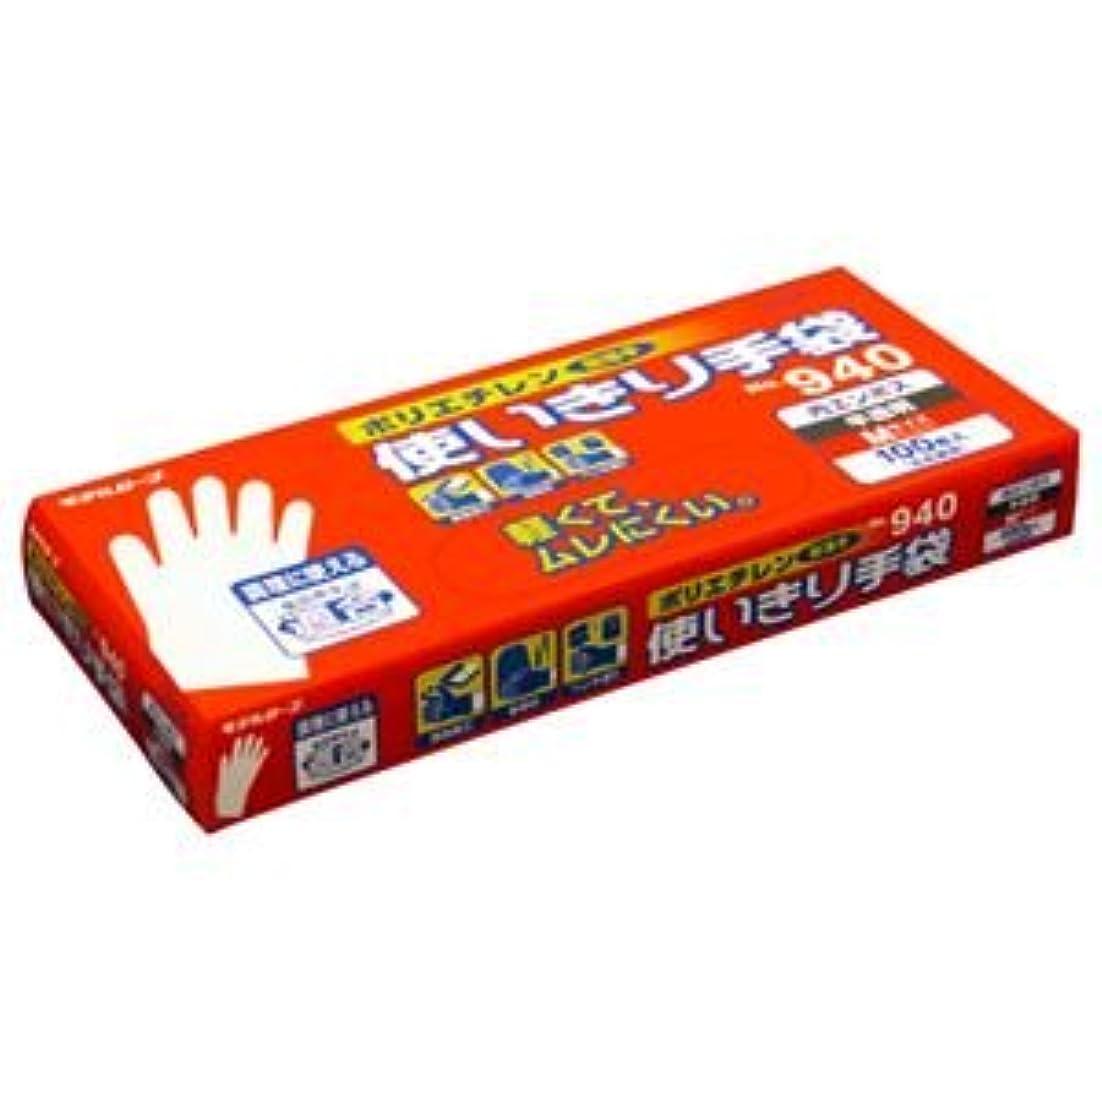 基本的な重荷決して(まとめ) エステー No.940 ポリエチレン使いきり手袋(内エンボス) M 1箱(100枚) 【